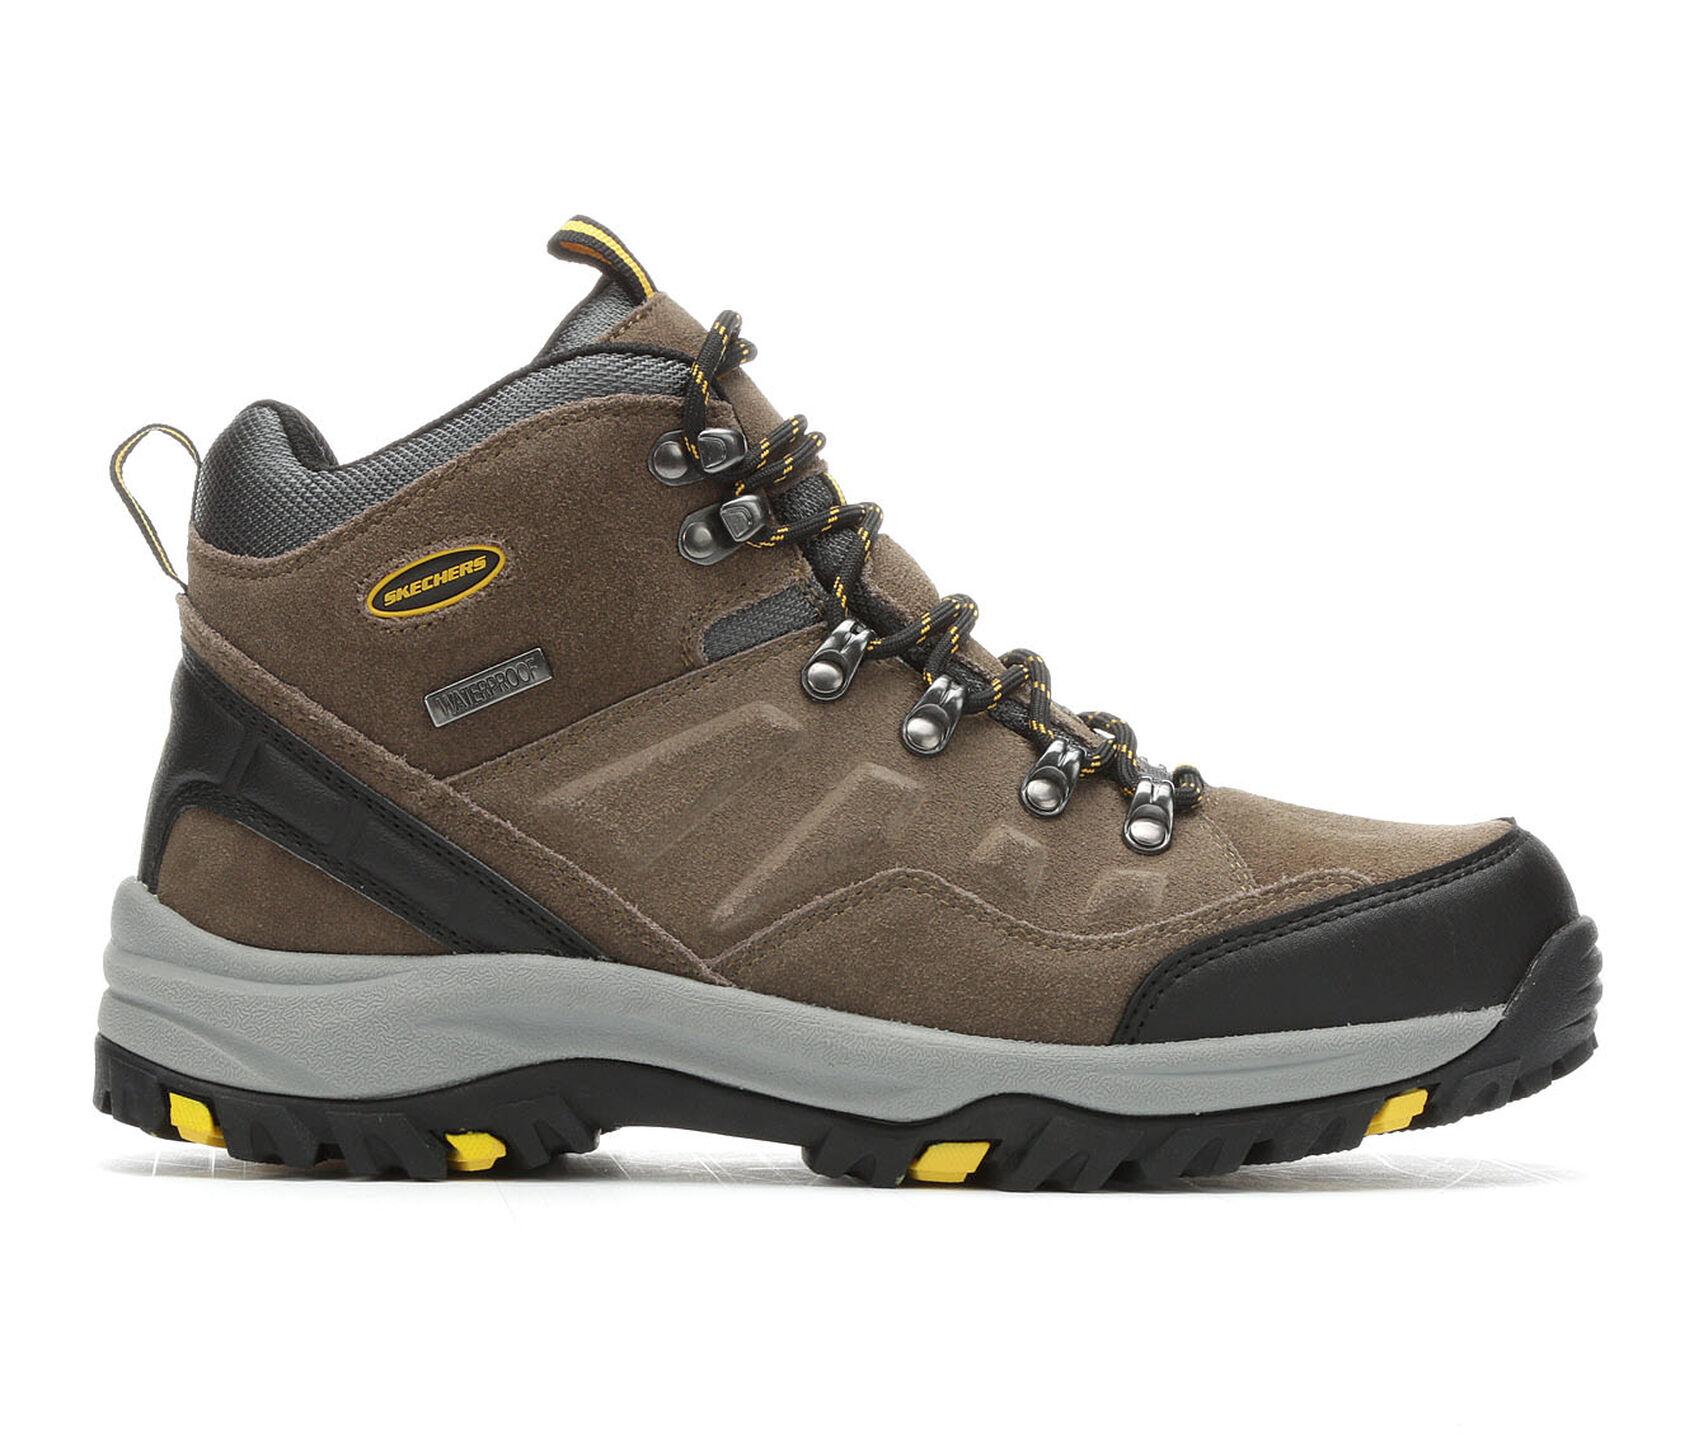 Men S Skechers Pelmo 64869 Hiking Boots Shoe Carnival